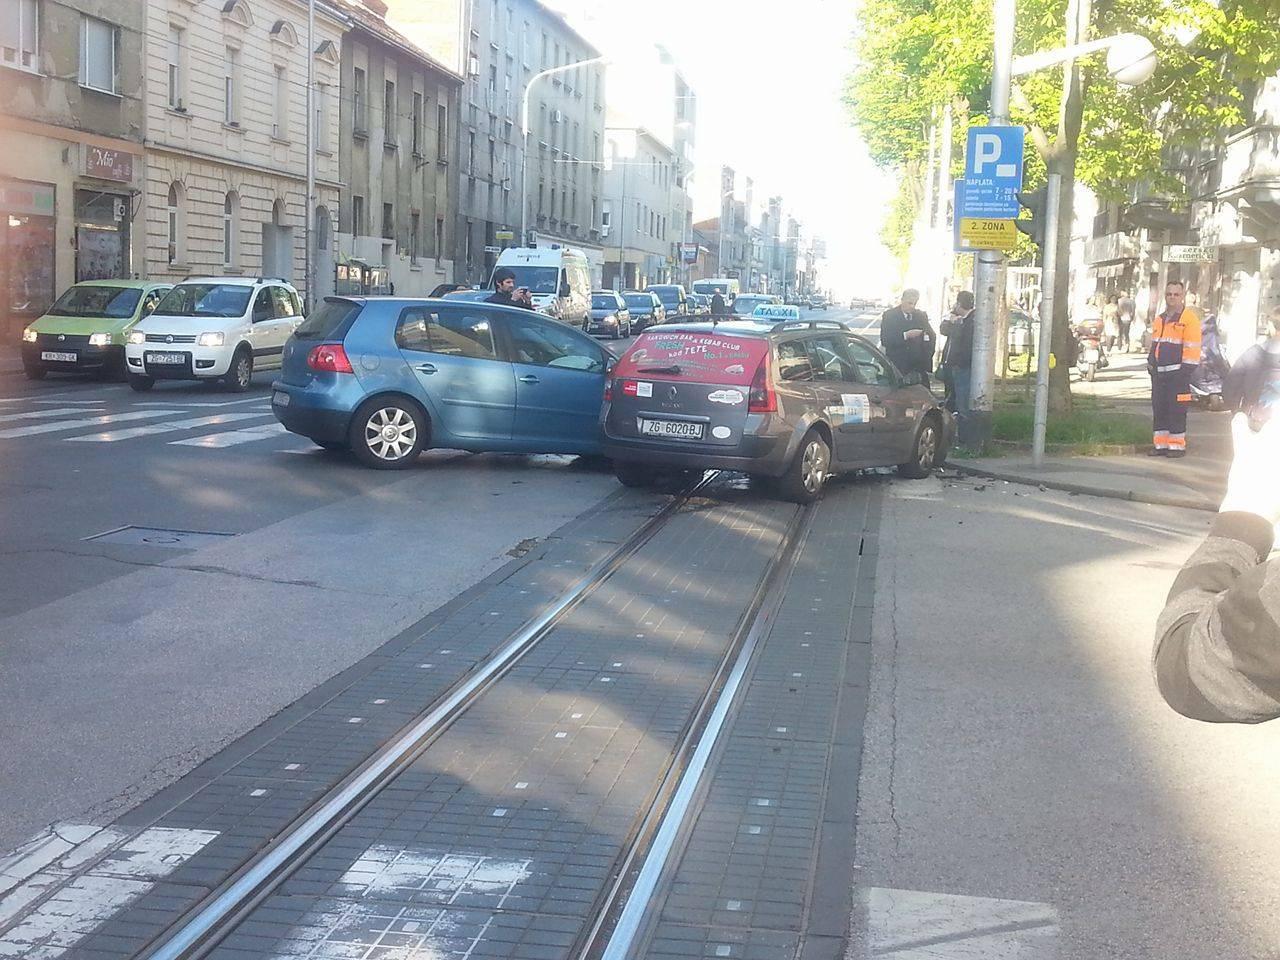 Još jedna nesreća na Kvatriću, sudarili se osobni auto i taksi